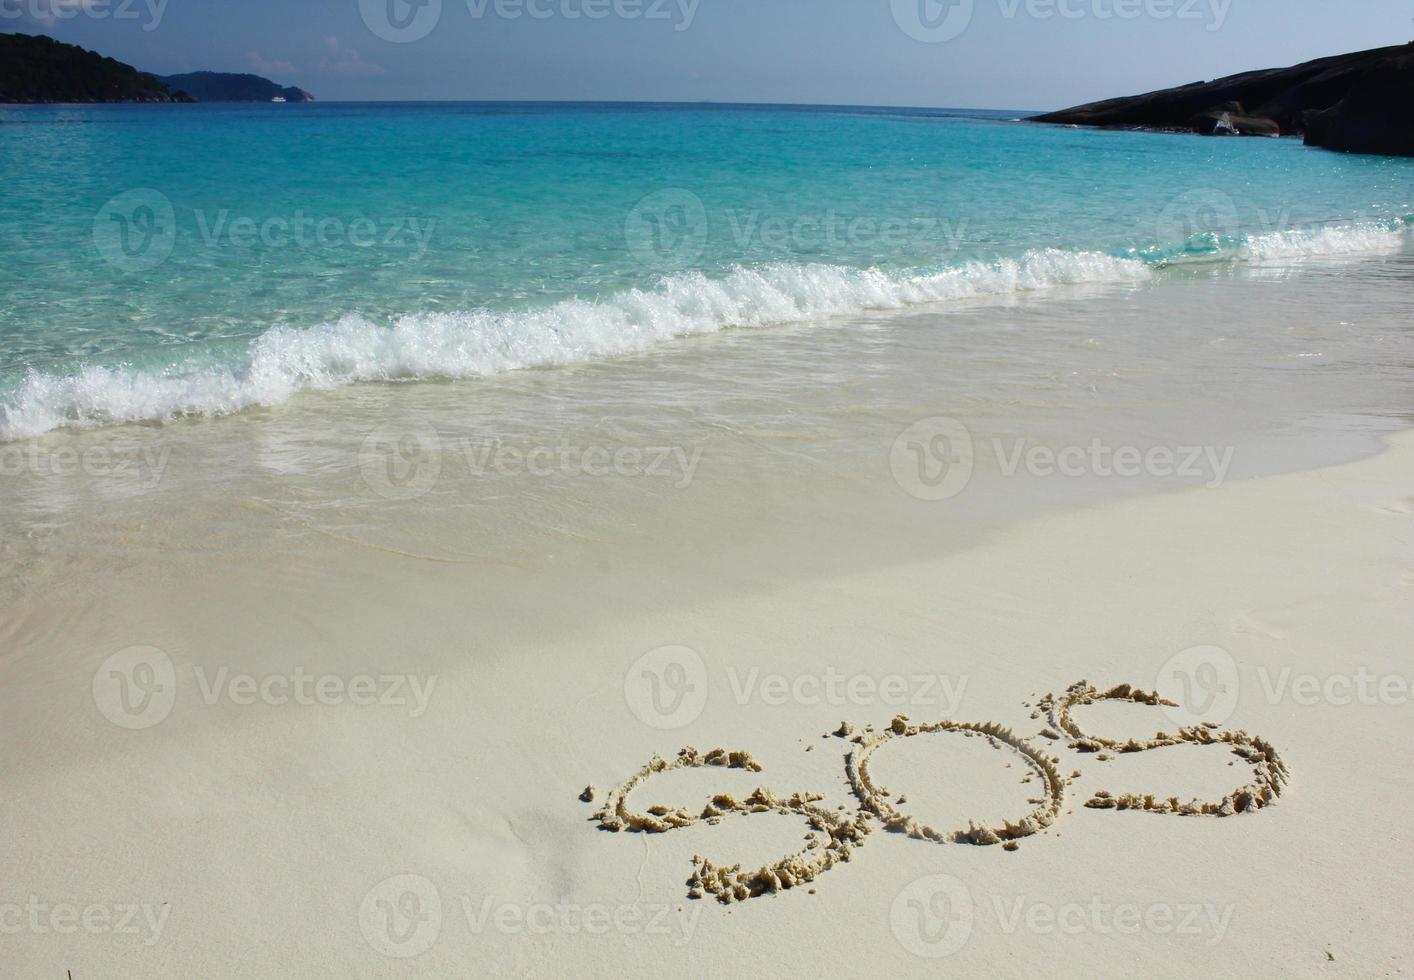 """dibujo de """"sos"""" en la arena de la playa en el mar foto"""